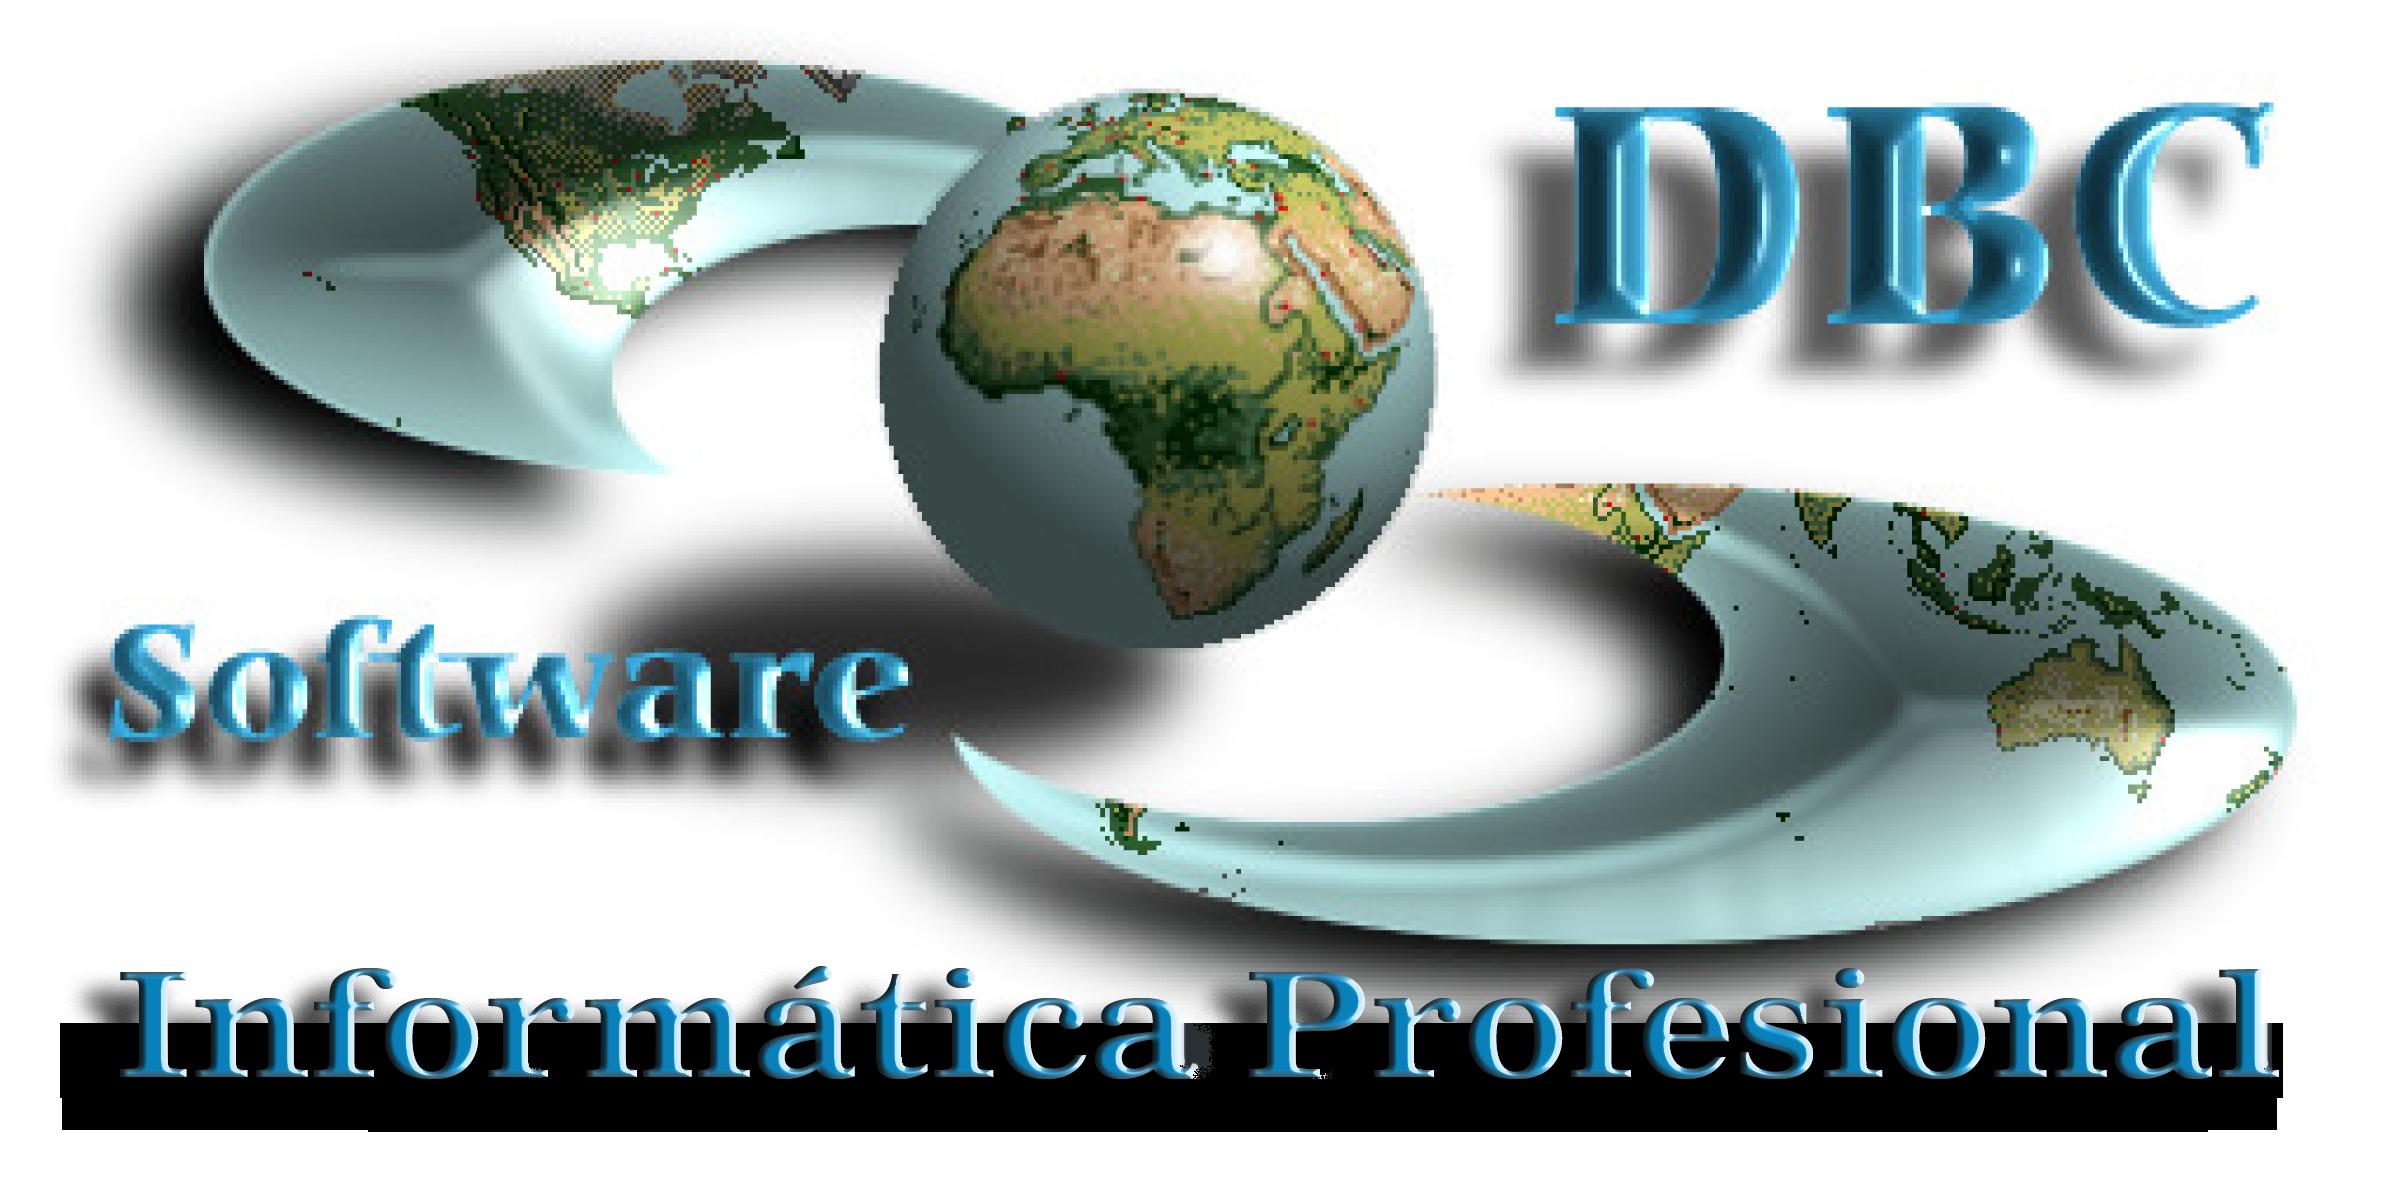 Desarrollo Binario y Comunicaciones, S.L. (D.B.C. Software)